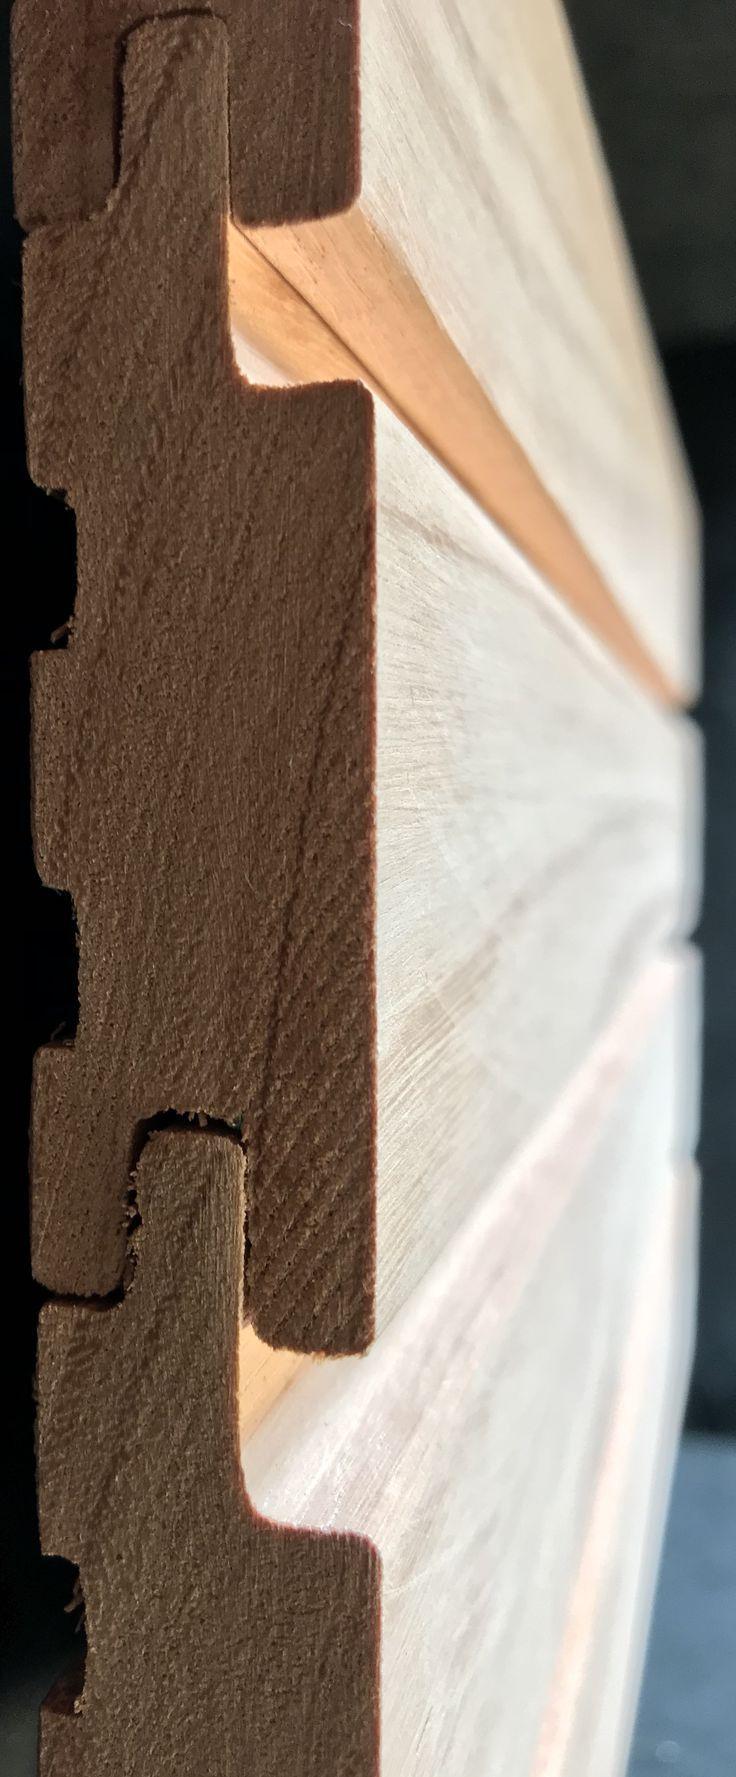 Red Grandis Hartholzverkleidung Lieferanten Shiplap Shadow Gap Ptgv Regenschutz Fechten Bodenbelag Holz Verkleidung Bodenbelag